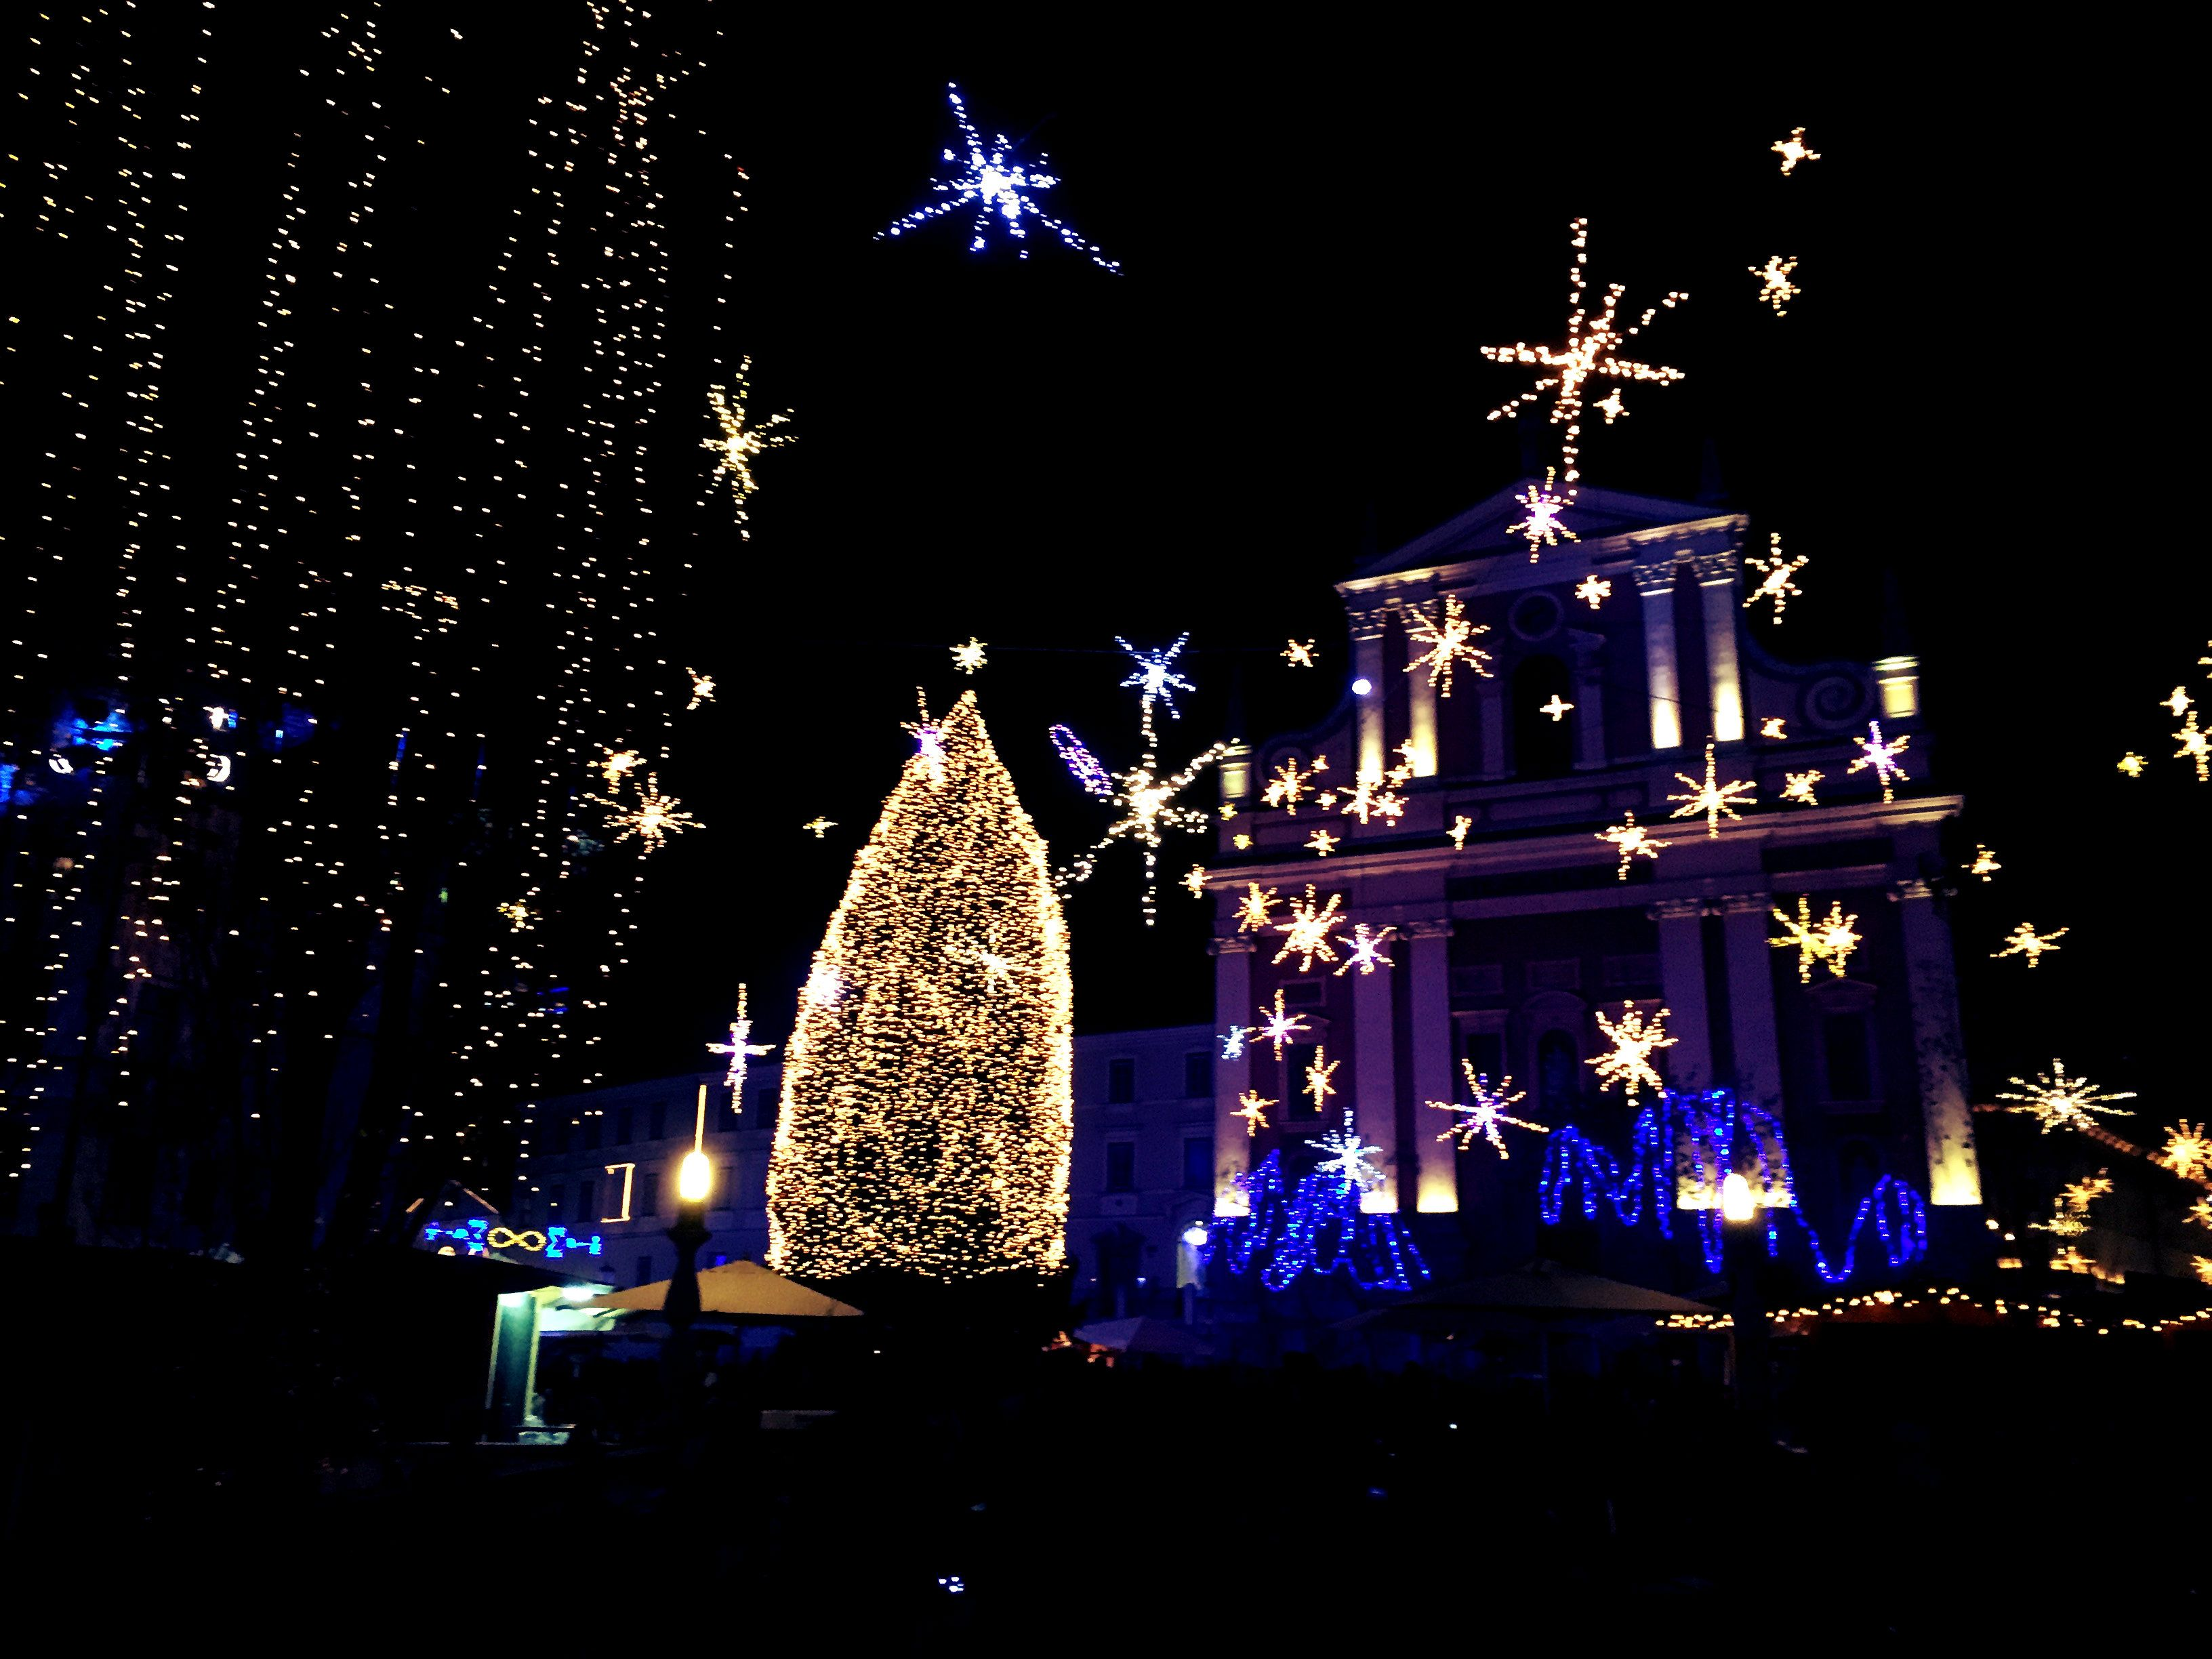 Christmas decoration in Ljubljana, Prešernov square #ljubljana #PresernovSquare#ChristmaJoy #ShristmasSpirit #love #december #ChristmasTree